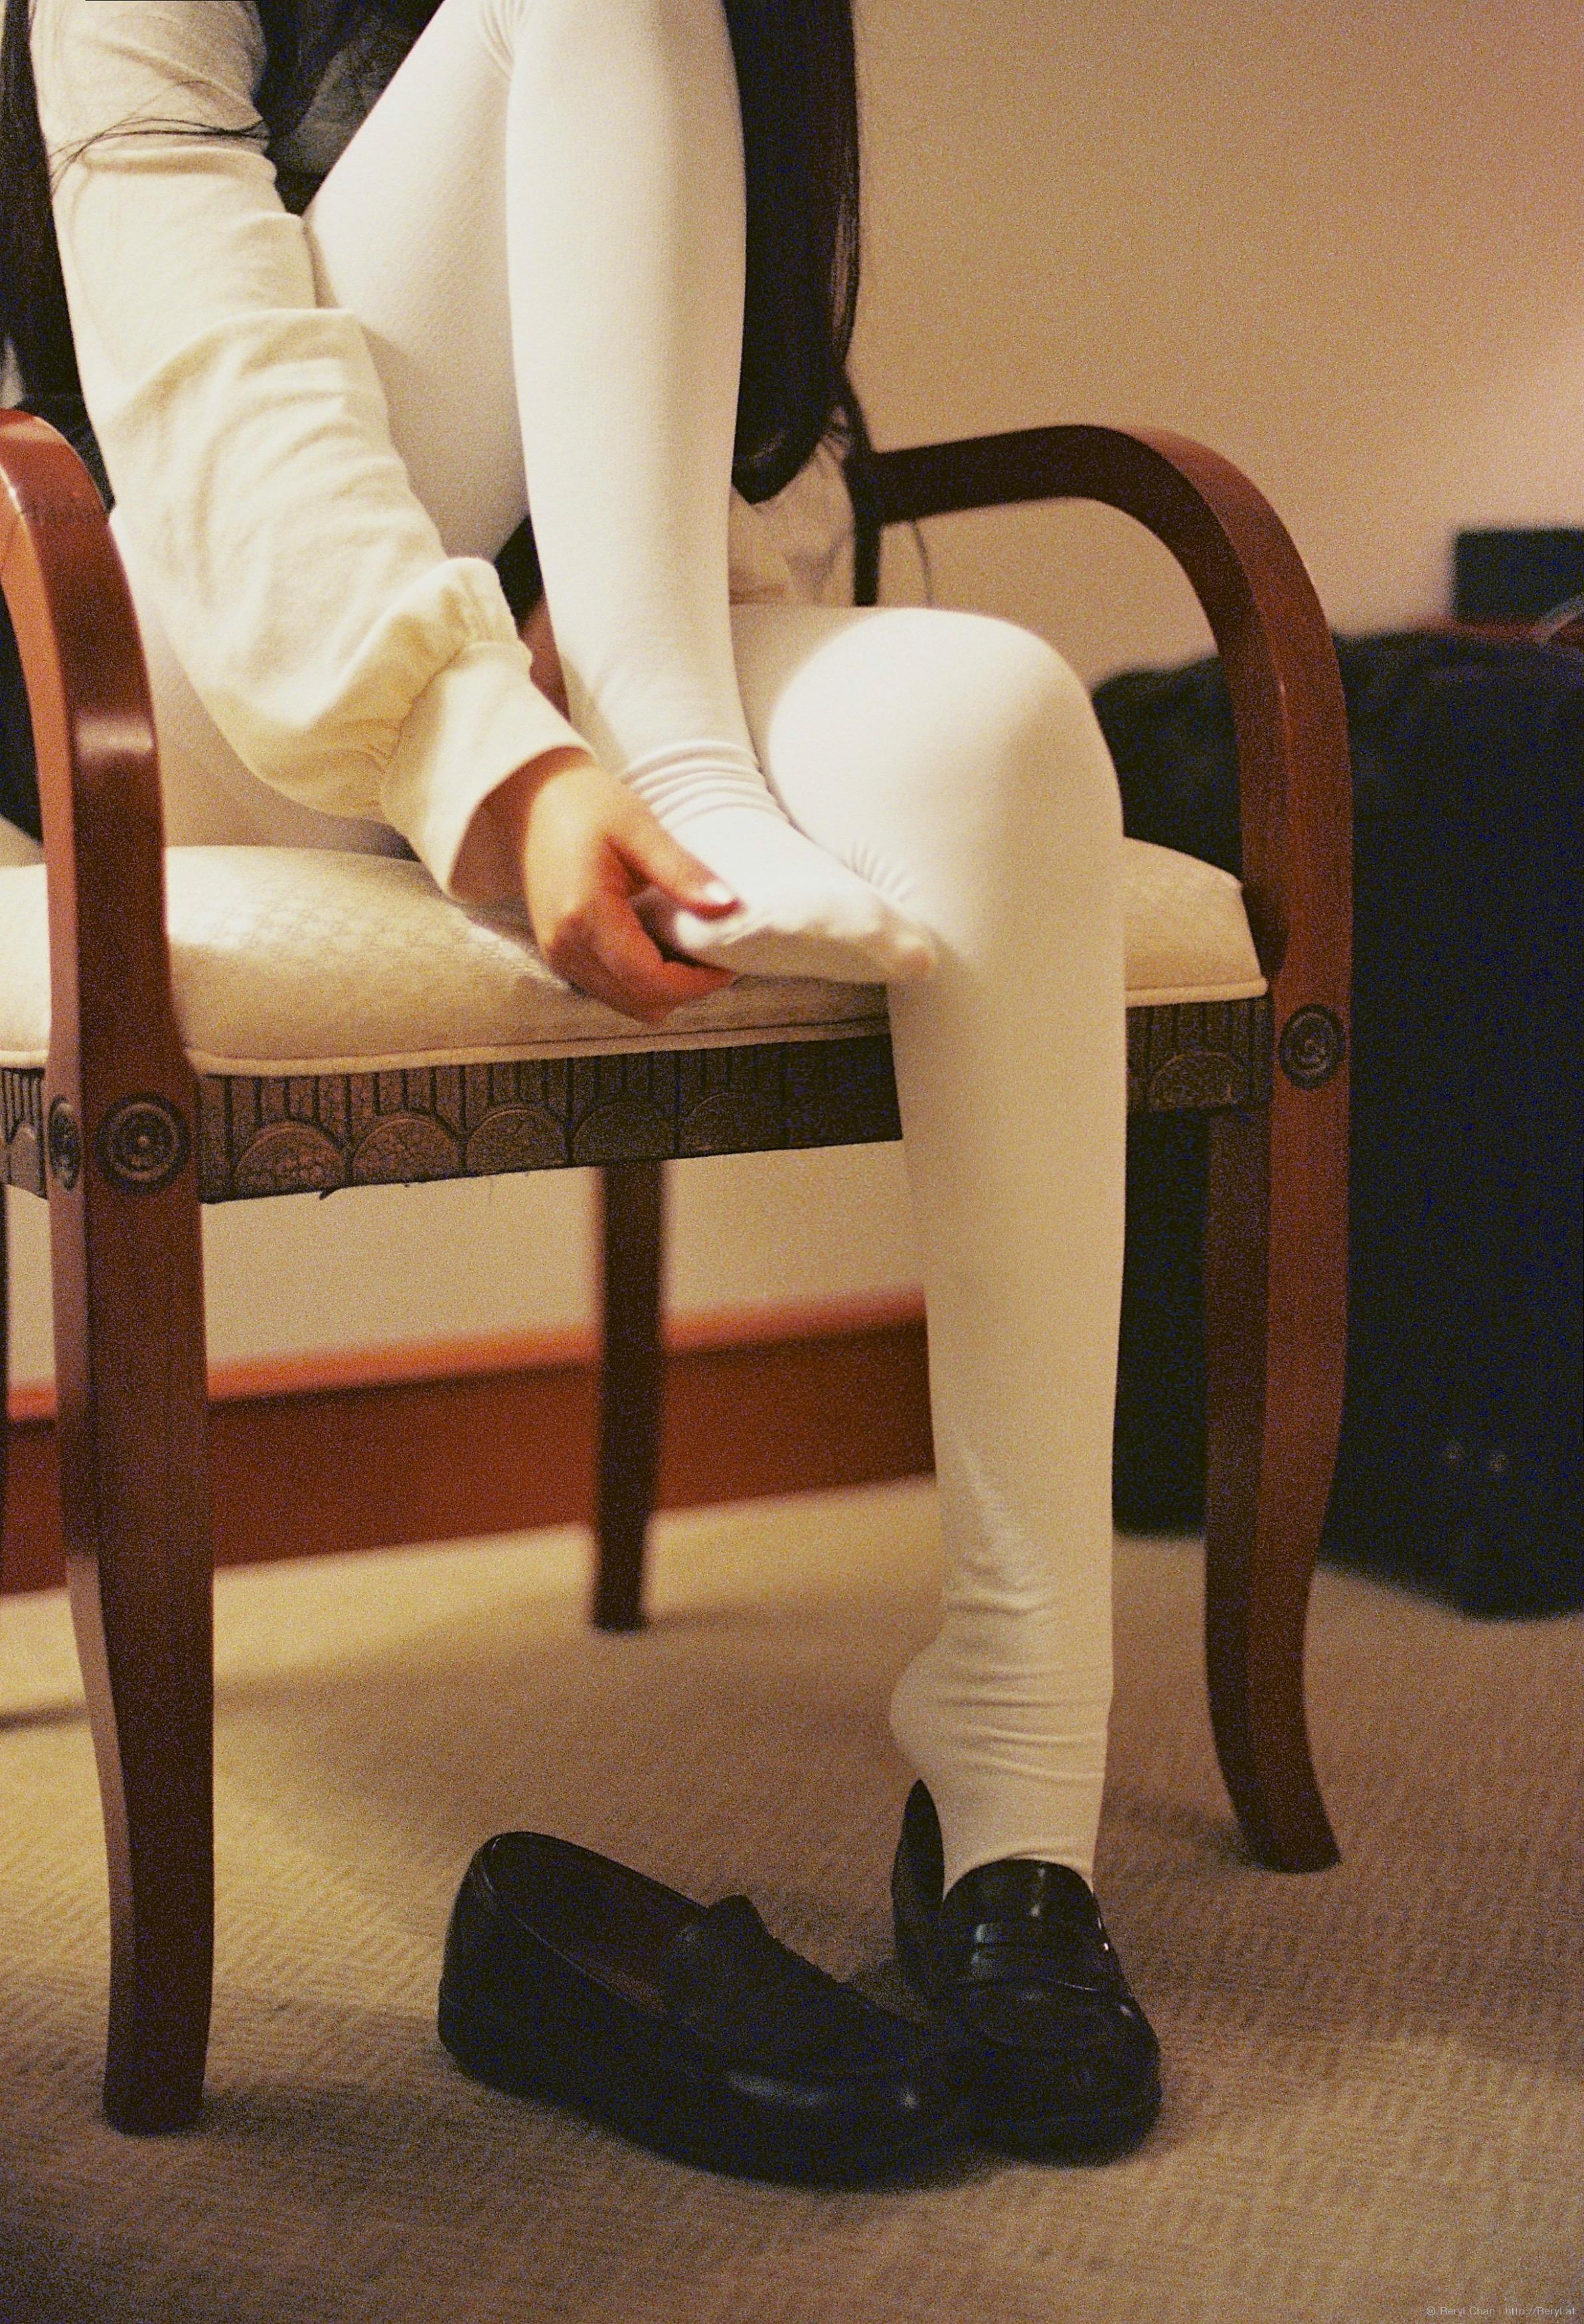 Norsk teen in stockings - 5 1